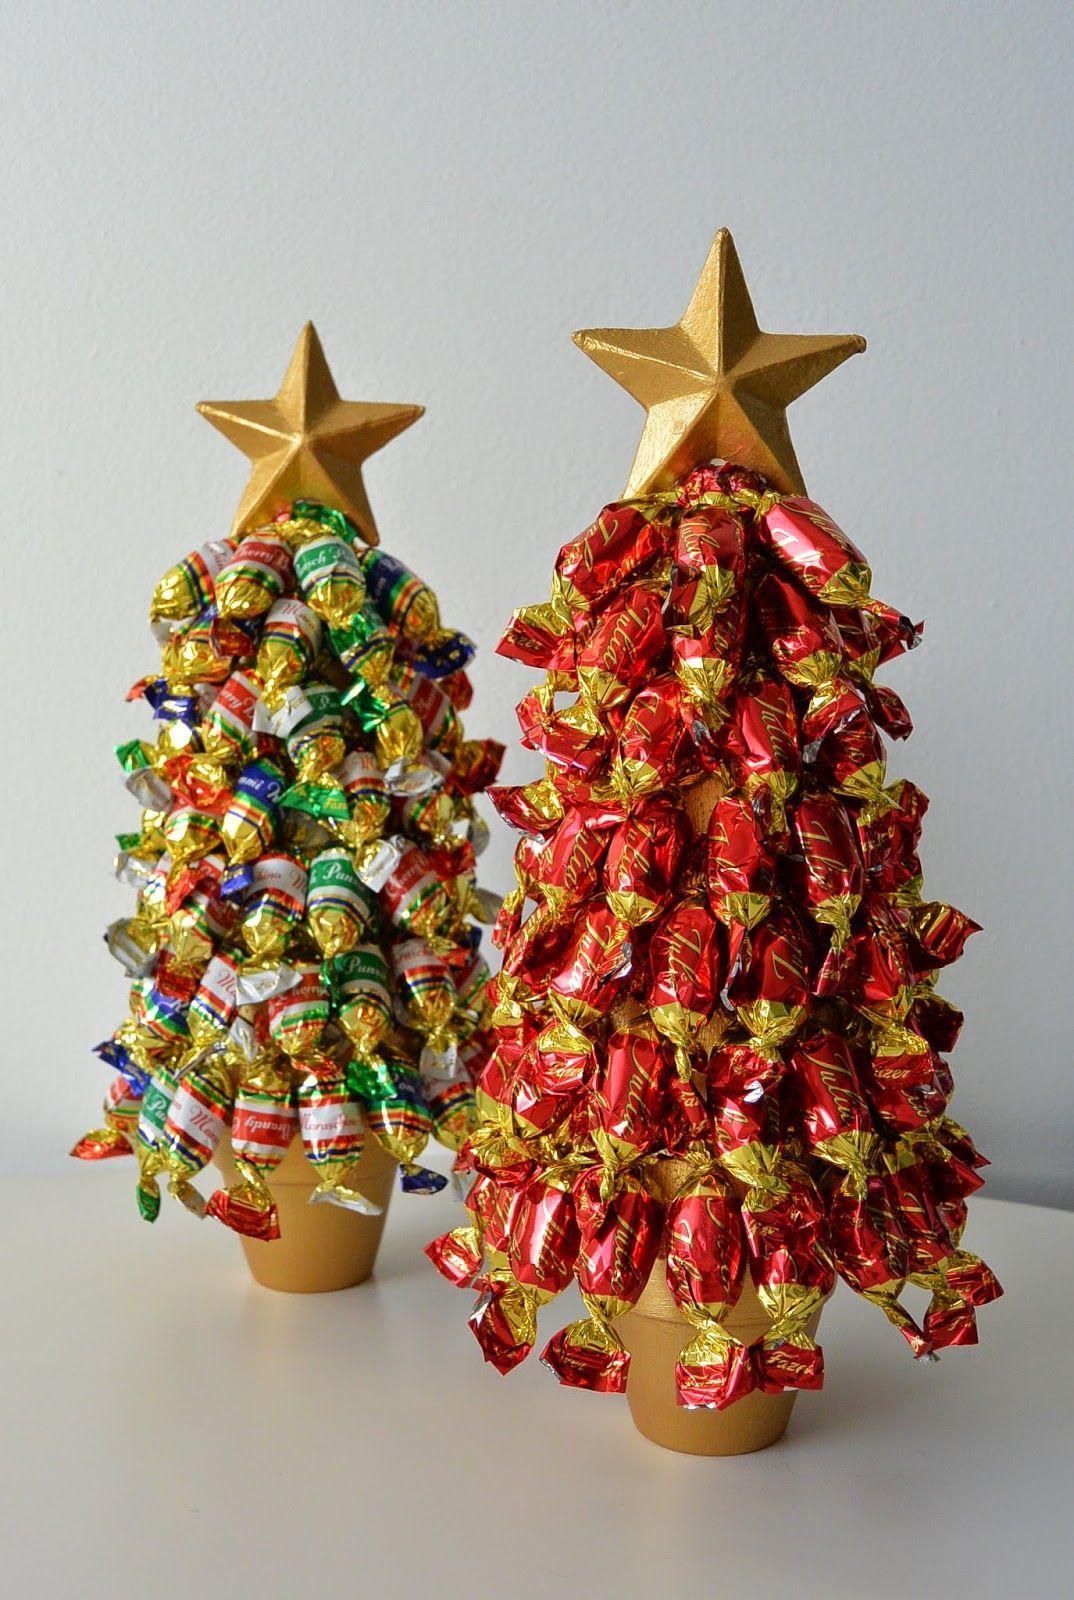 Noniin, käsi ylös tuleeko kenellekään näin joulun alla tilanteita, joissa olisi kiva olla jotain tuliaista tai viemistä? Kauppaan ei kuitenk...